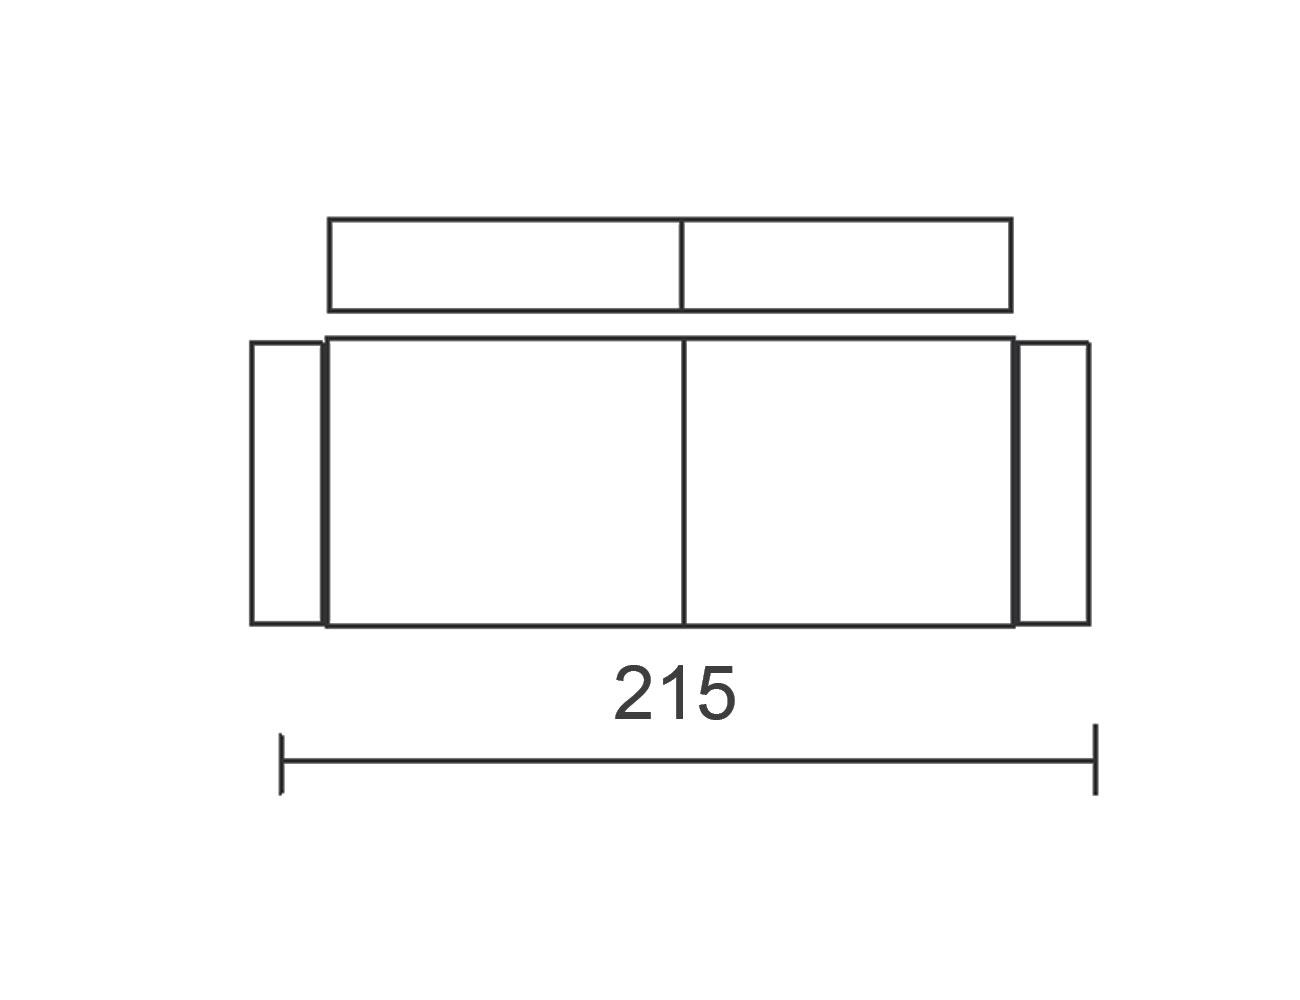 Modulo 2155